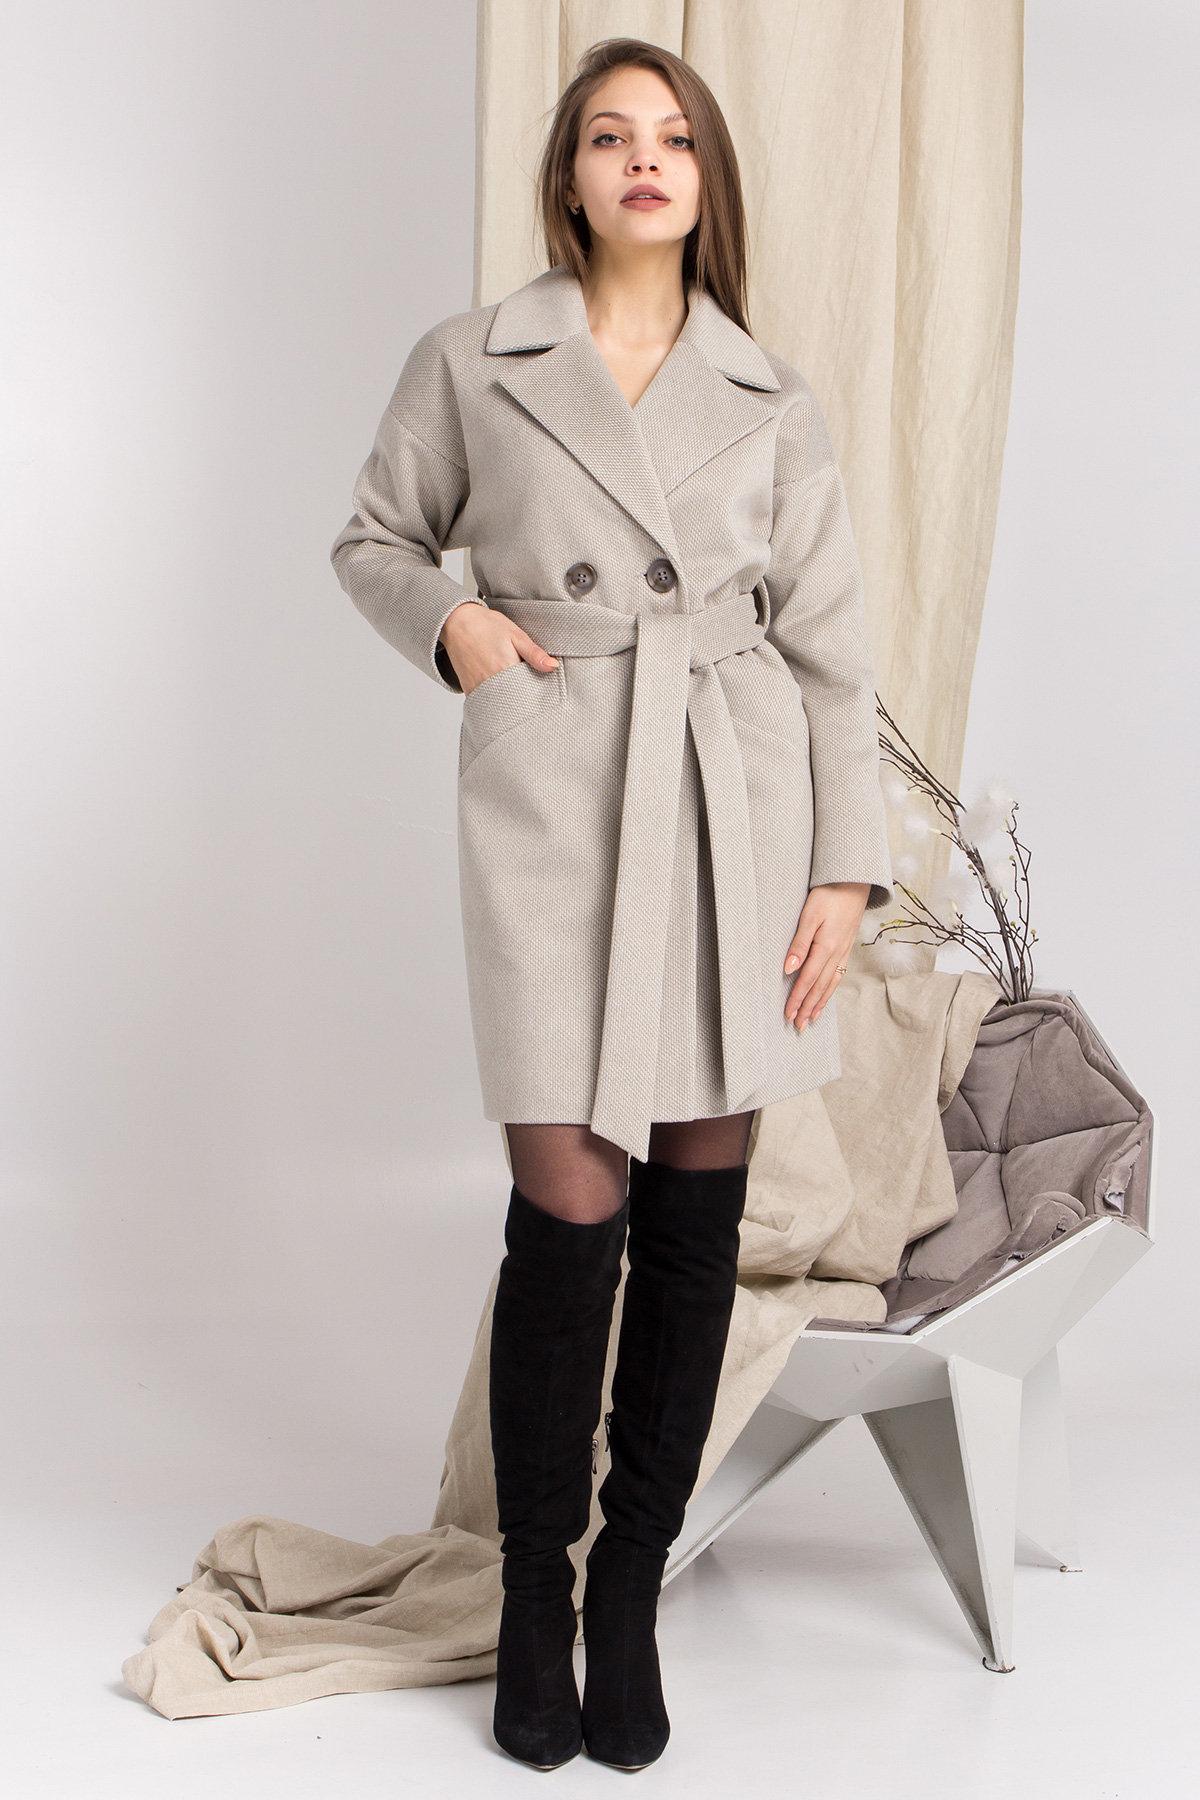 Демисезонное двубортное пальто Сенсей 8845 АРТ. 45218 Цвет: Олива - фото 5, интернет магазин tm-modus.ru